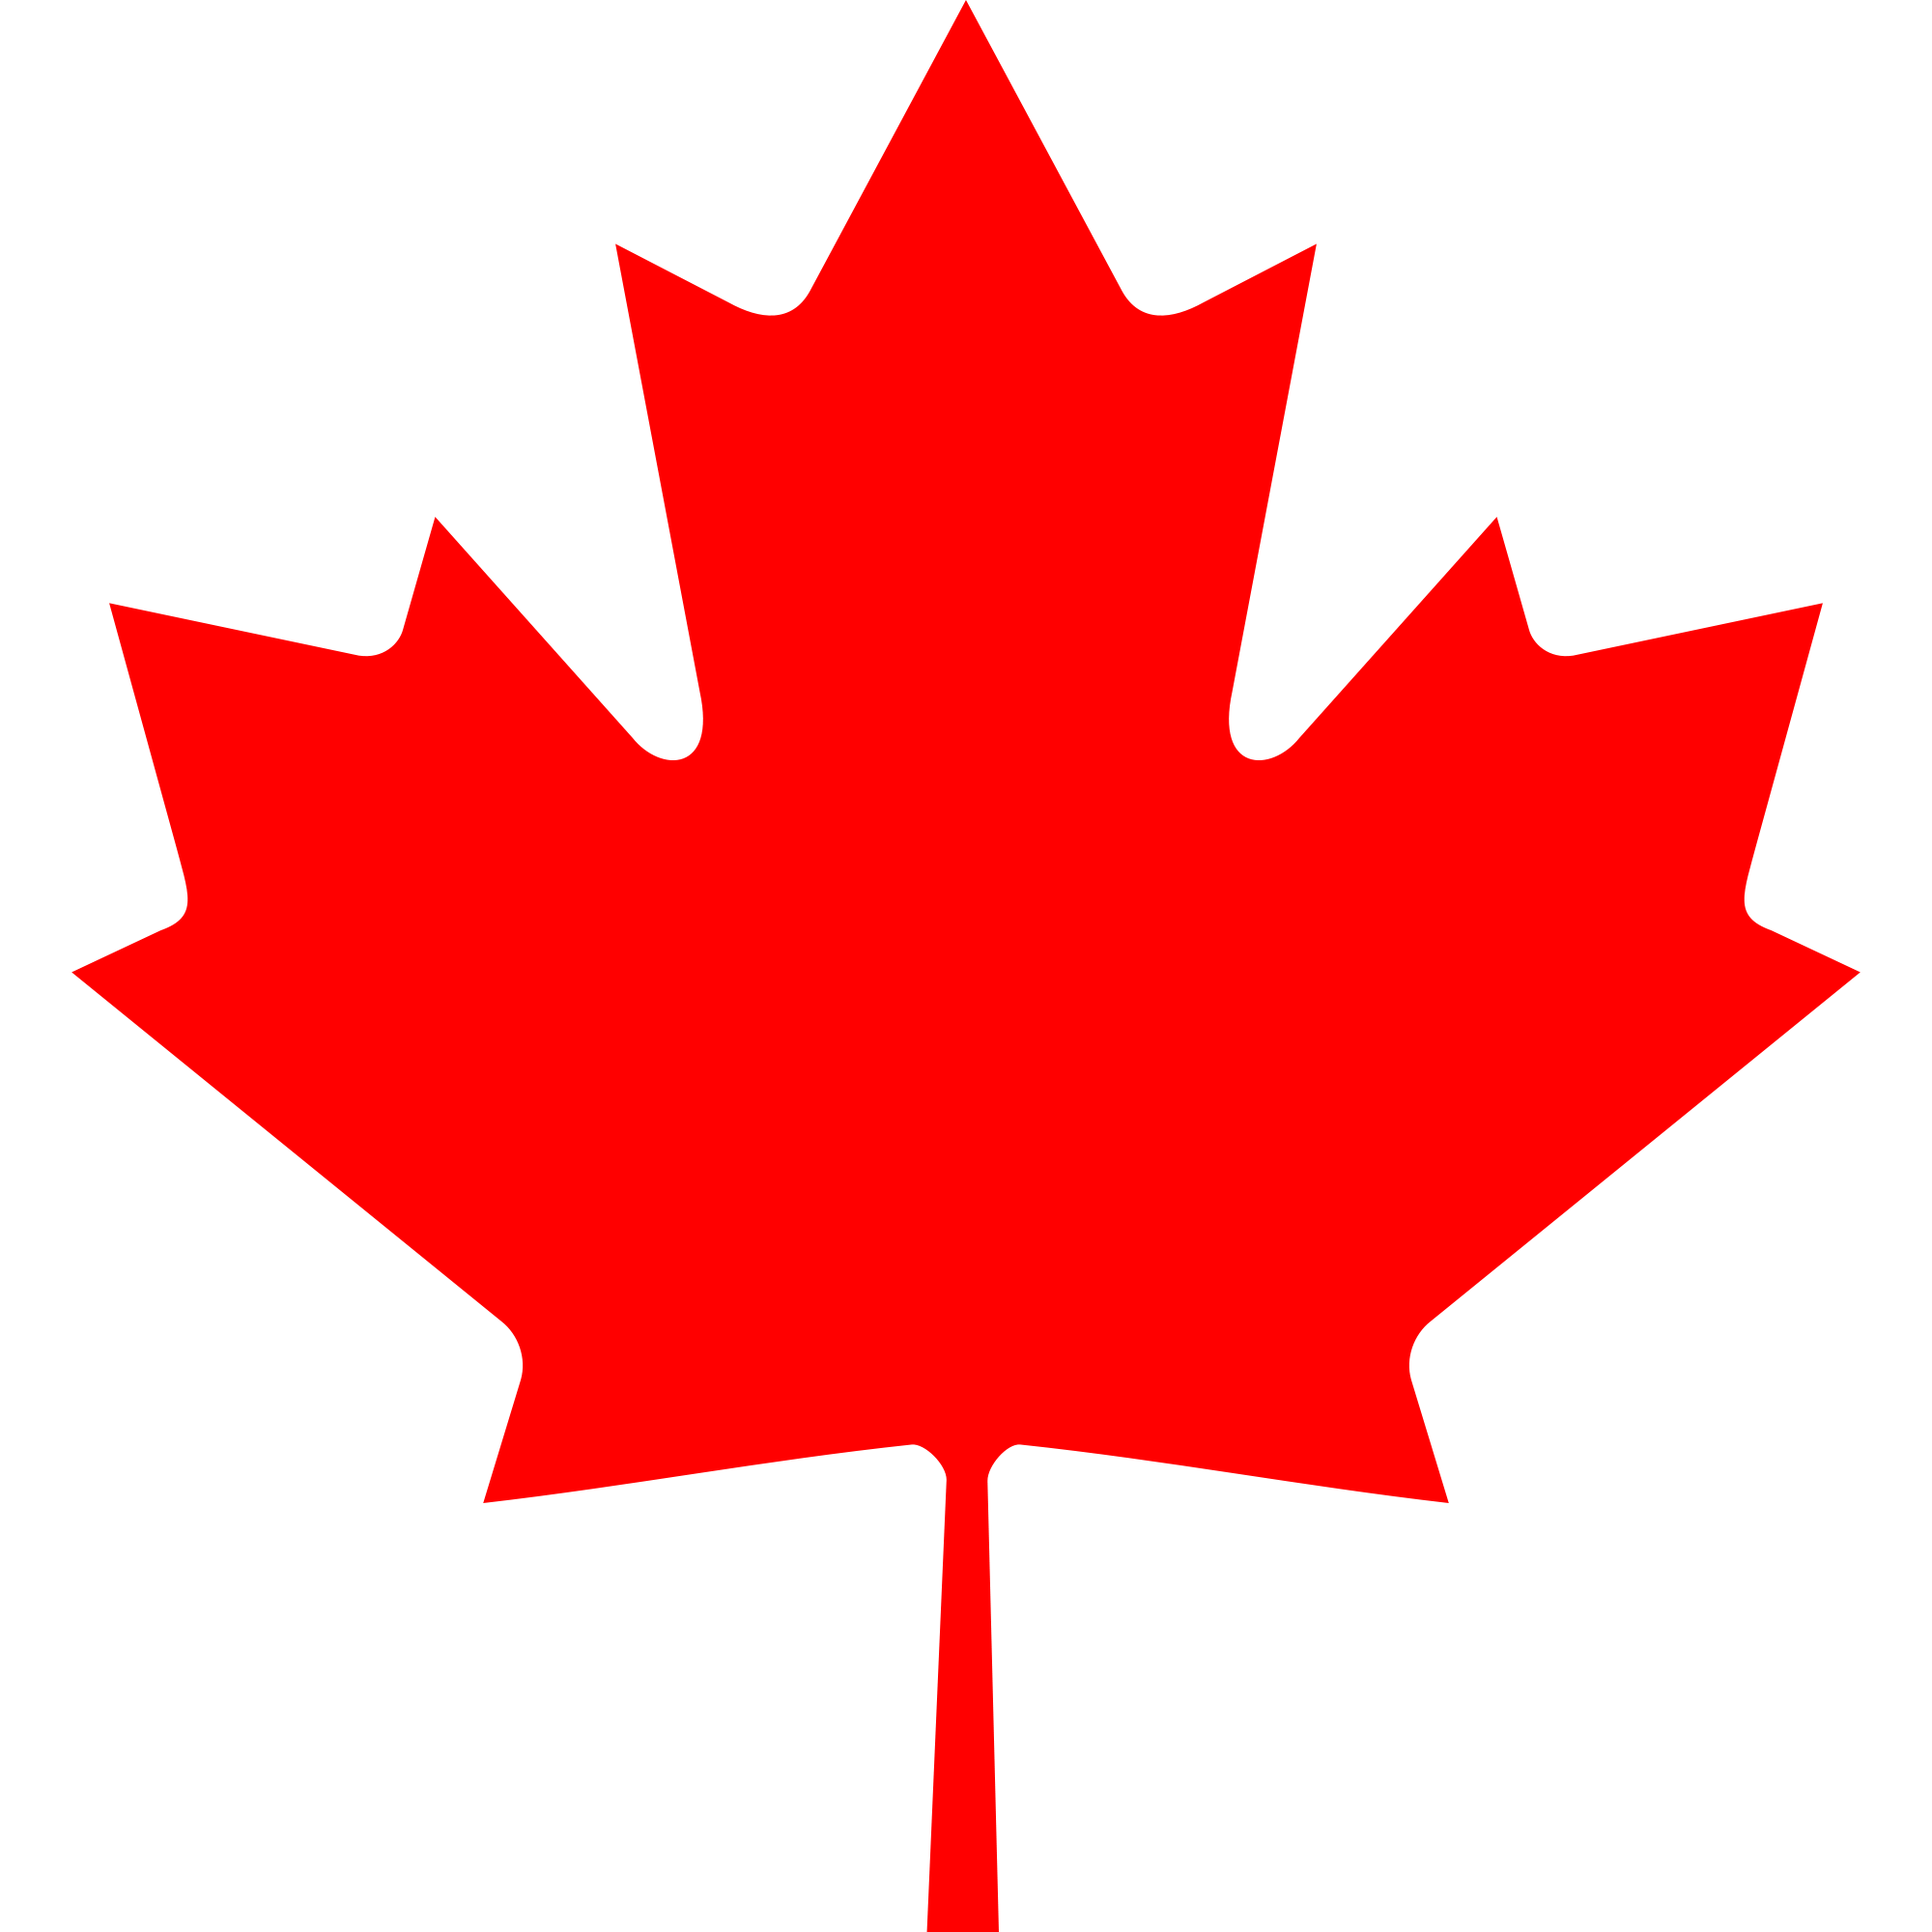 File:Maple Leaf.svg.